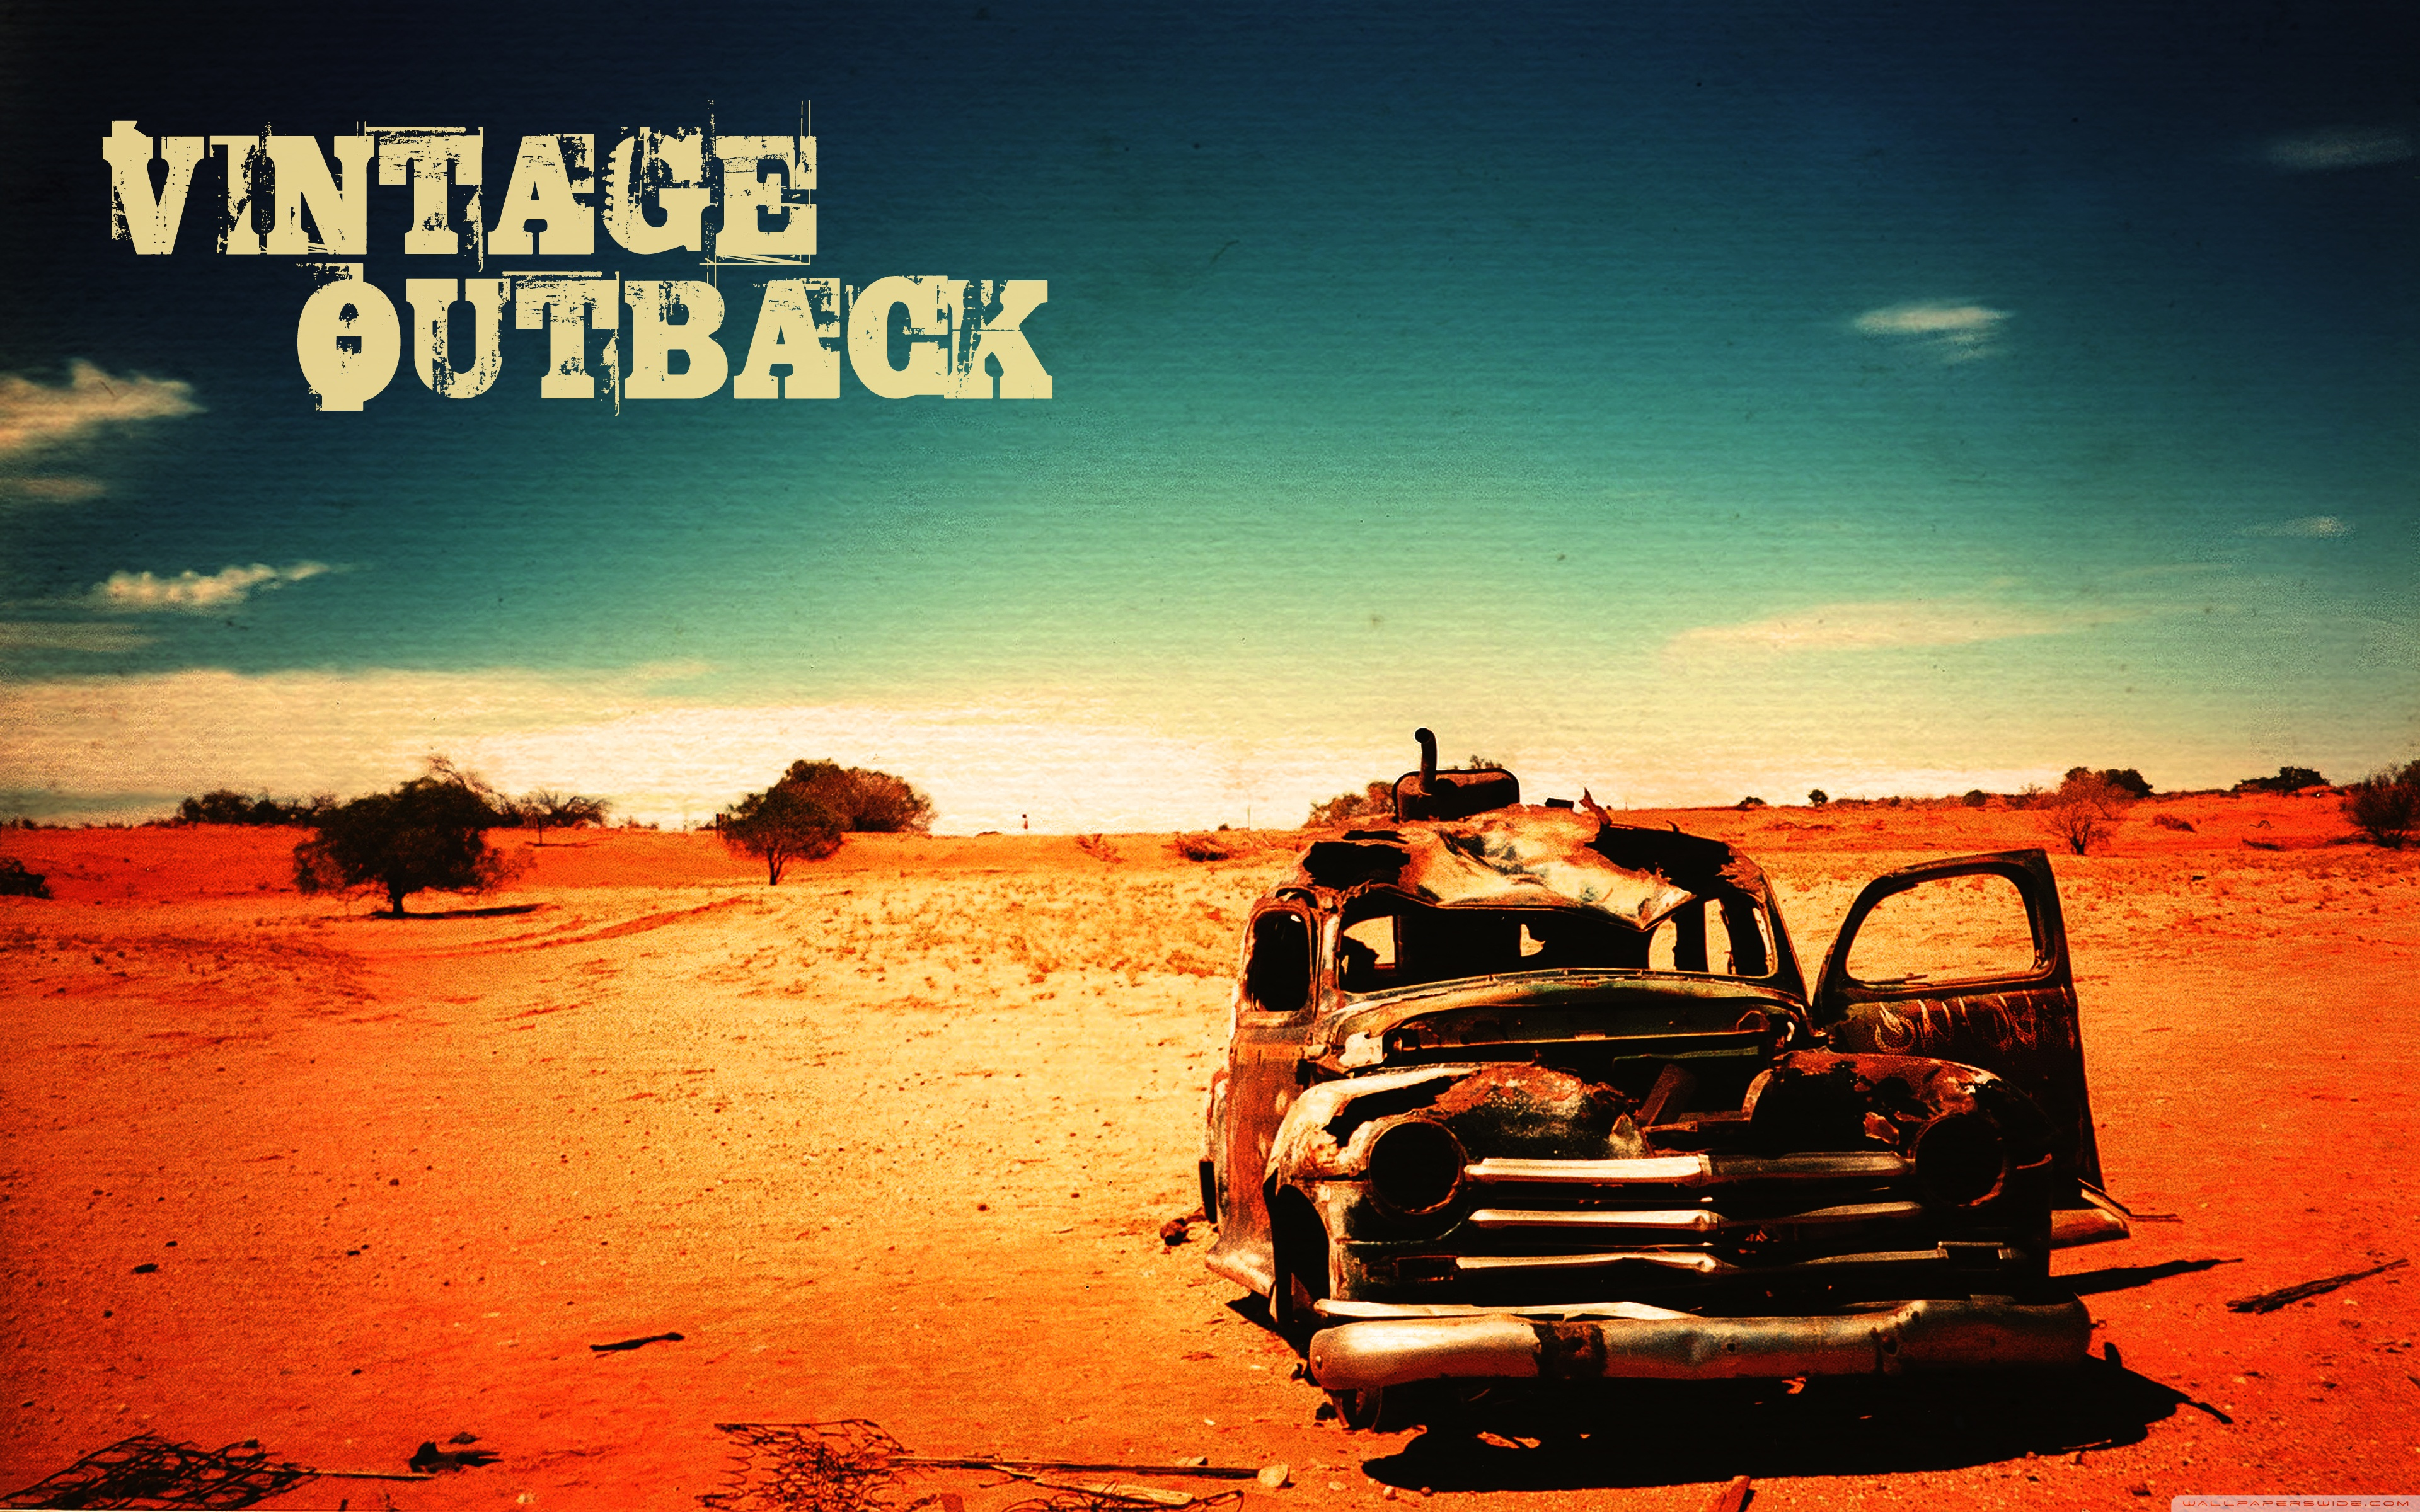 Free Download Vintage Outback 4k Hd Desktop Wallpaper For 3840x2400 For Your Desktop Mobile Tablet Explore 31 Outback Wallpapers Outback Wallpapers Subaru Outback Wallpaper